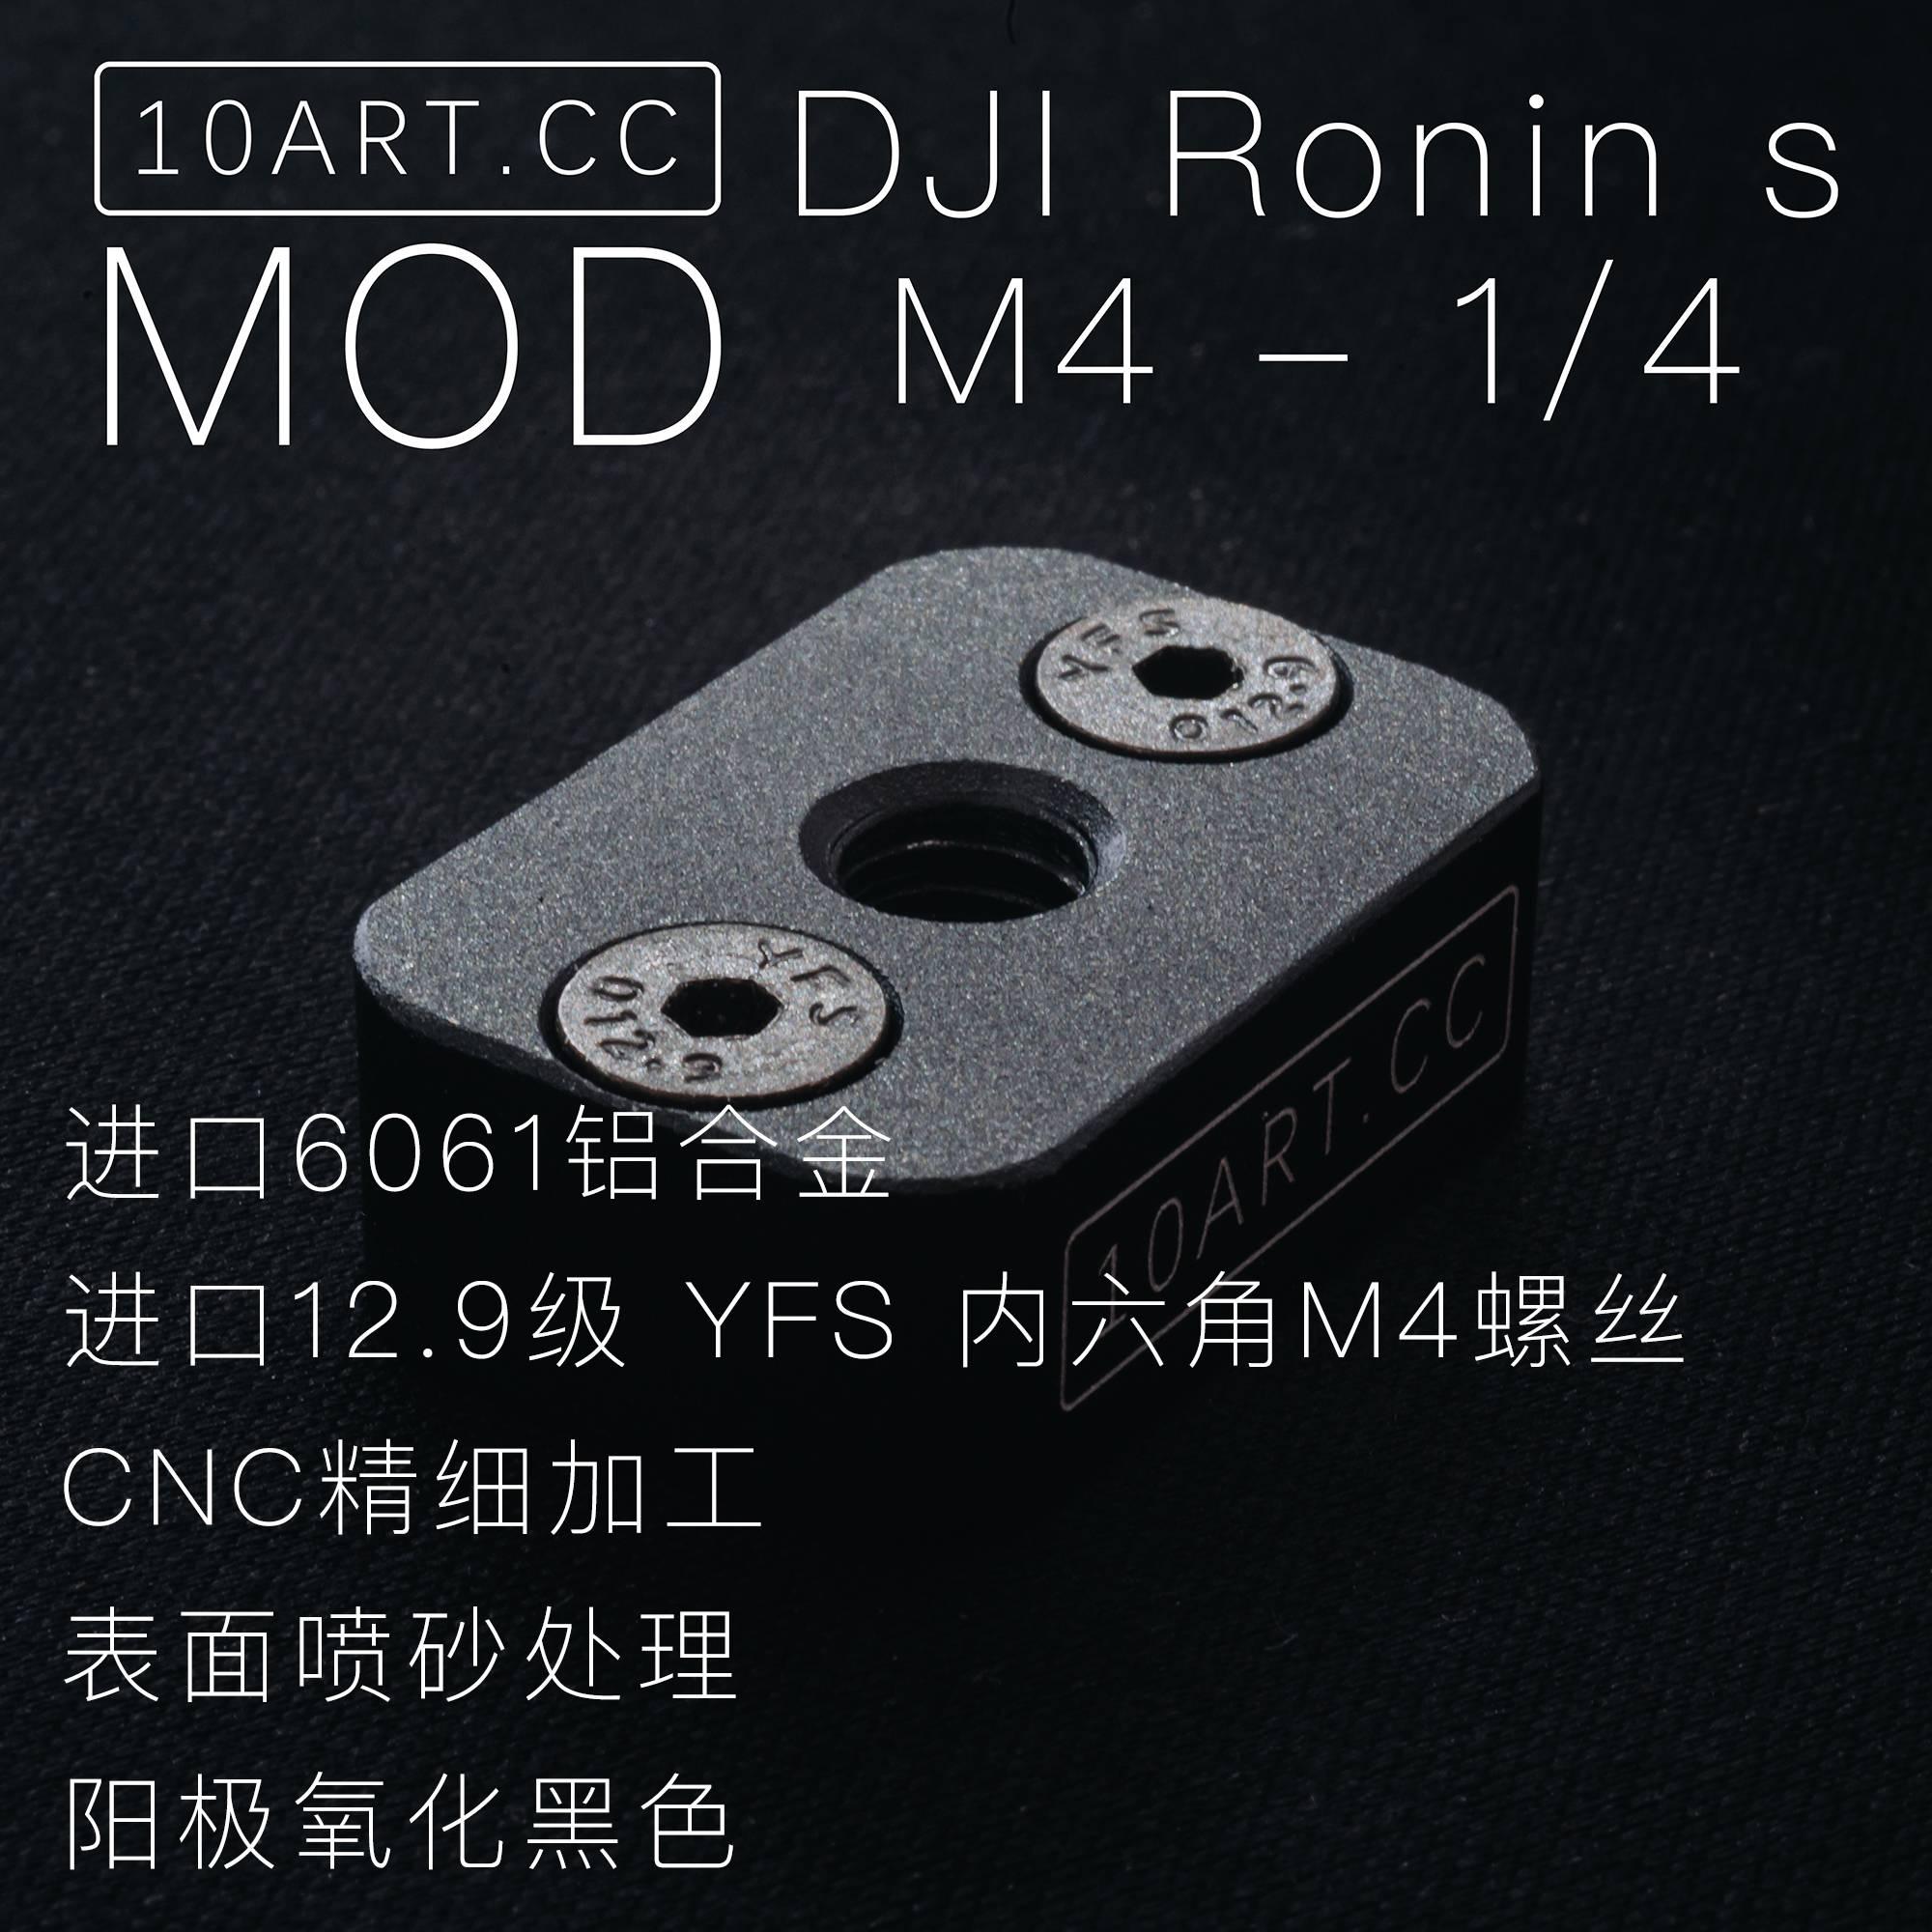 tao06634fu-ben-fu-ben